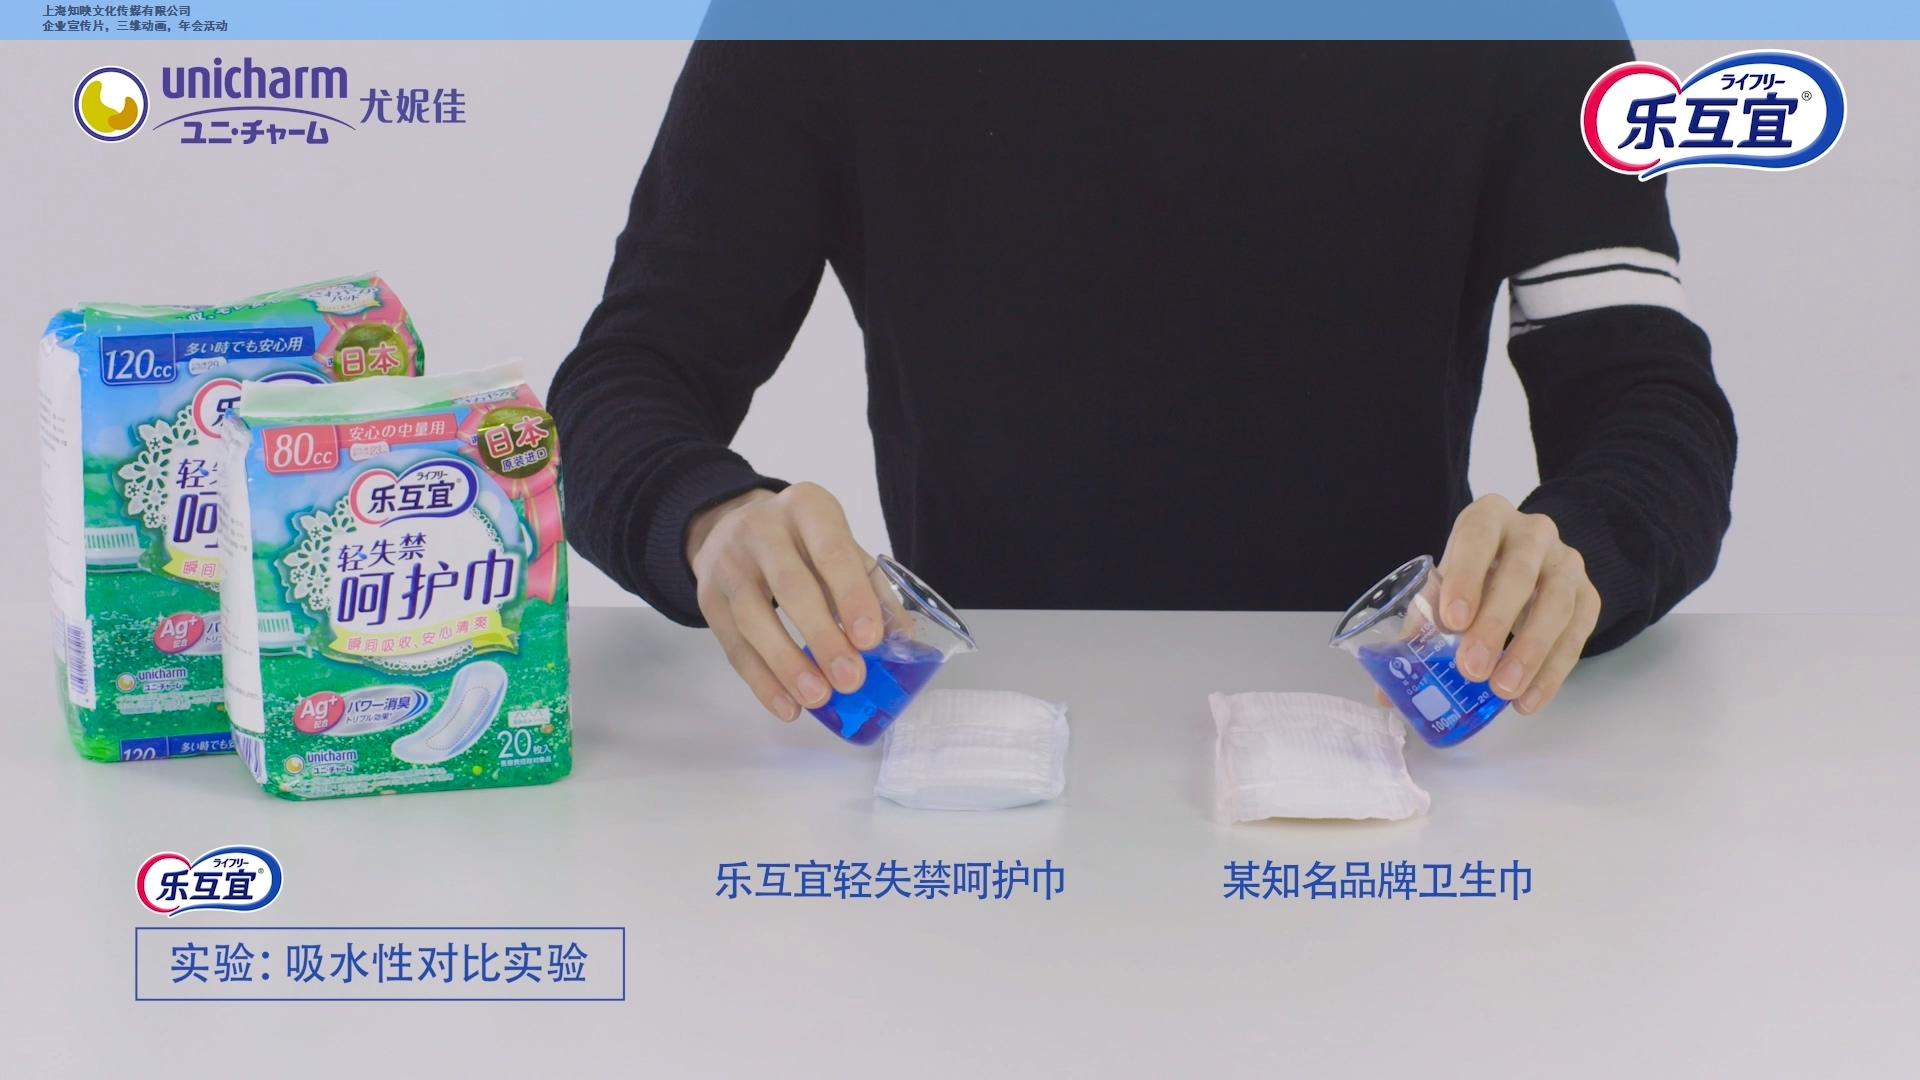 上海招标视频制作公司 值得信赖 上海知映文化传媒供应